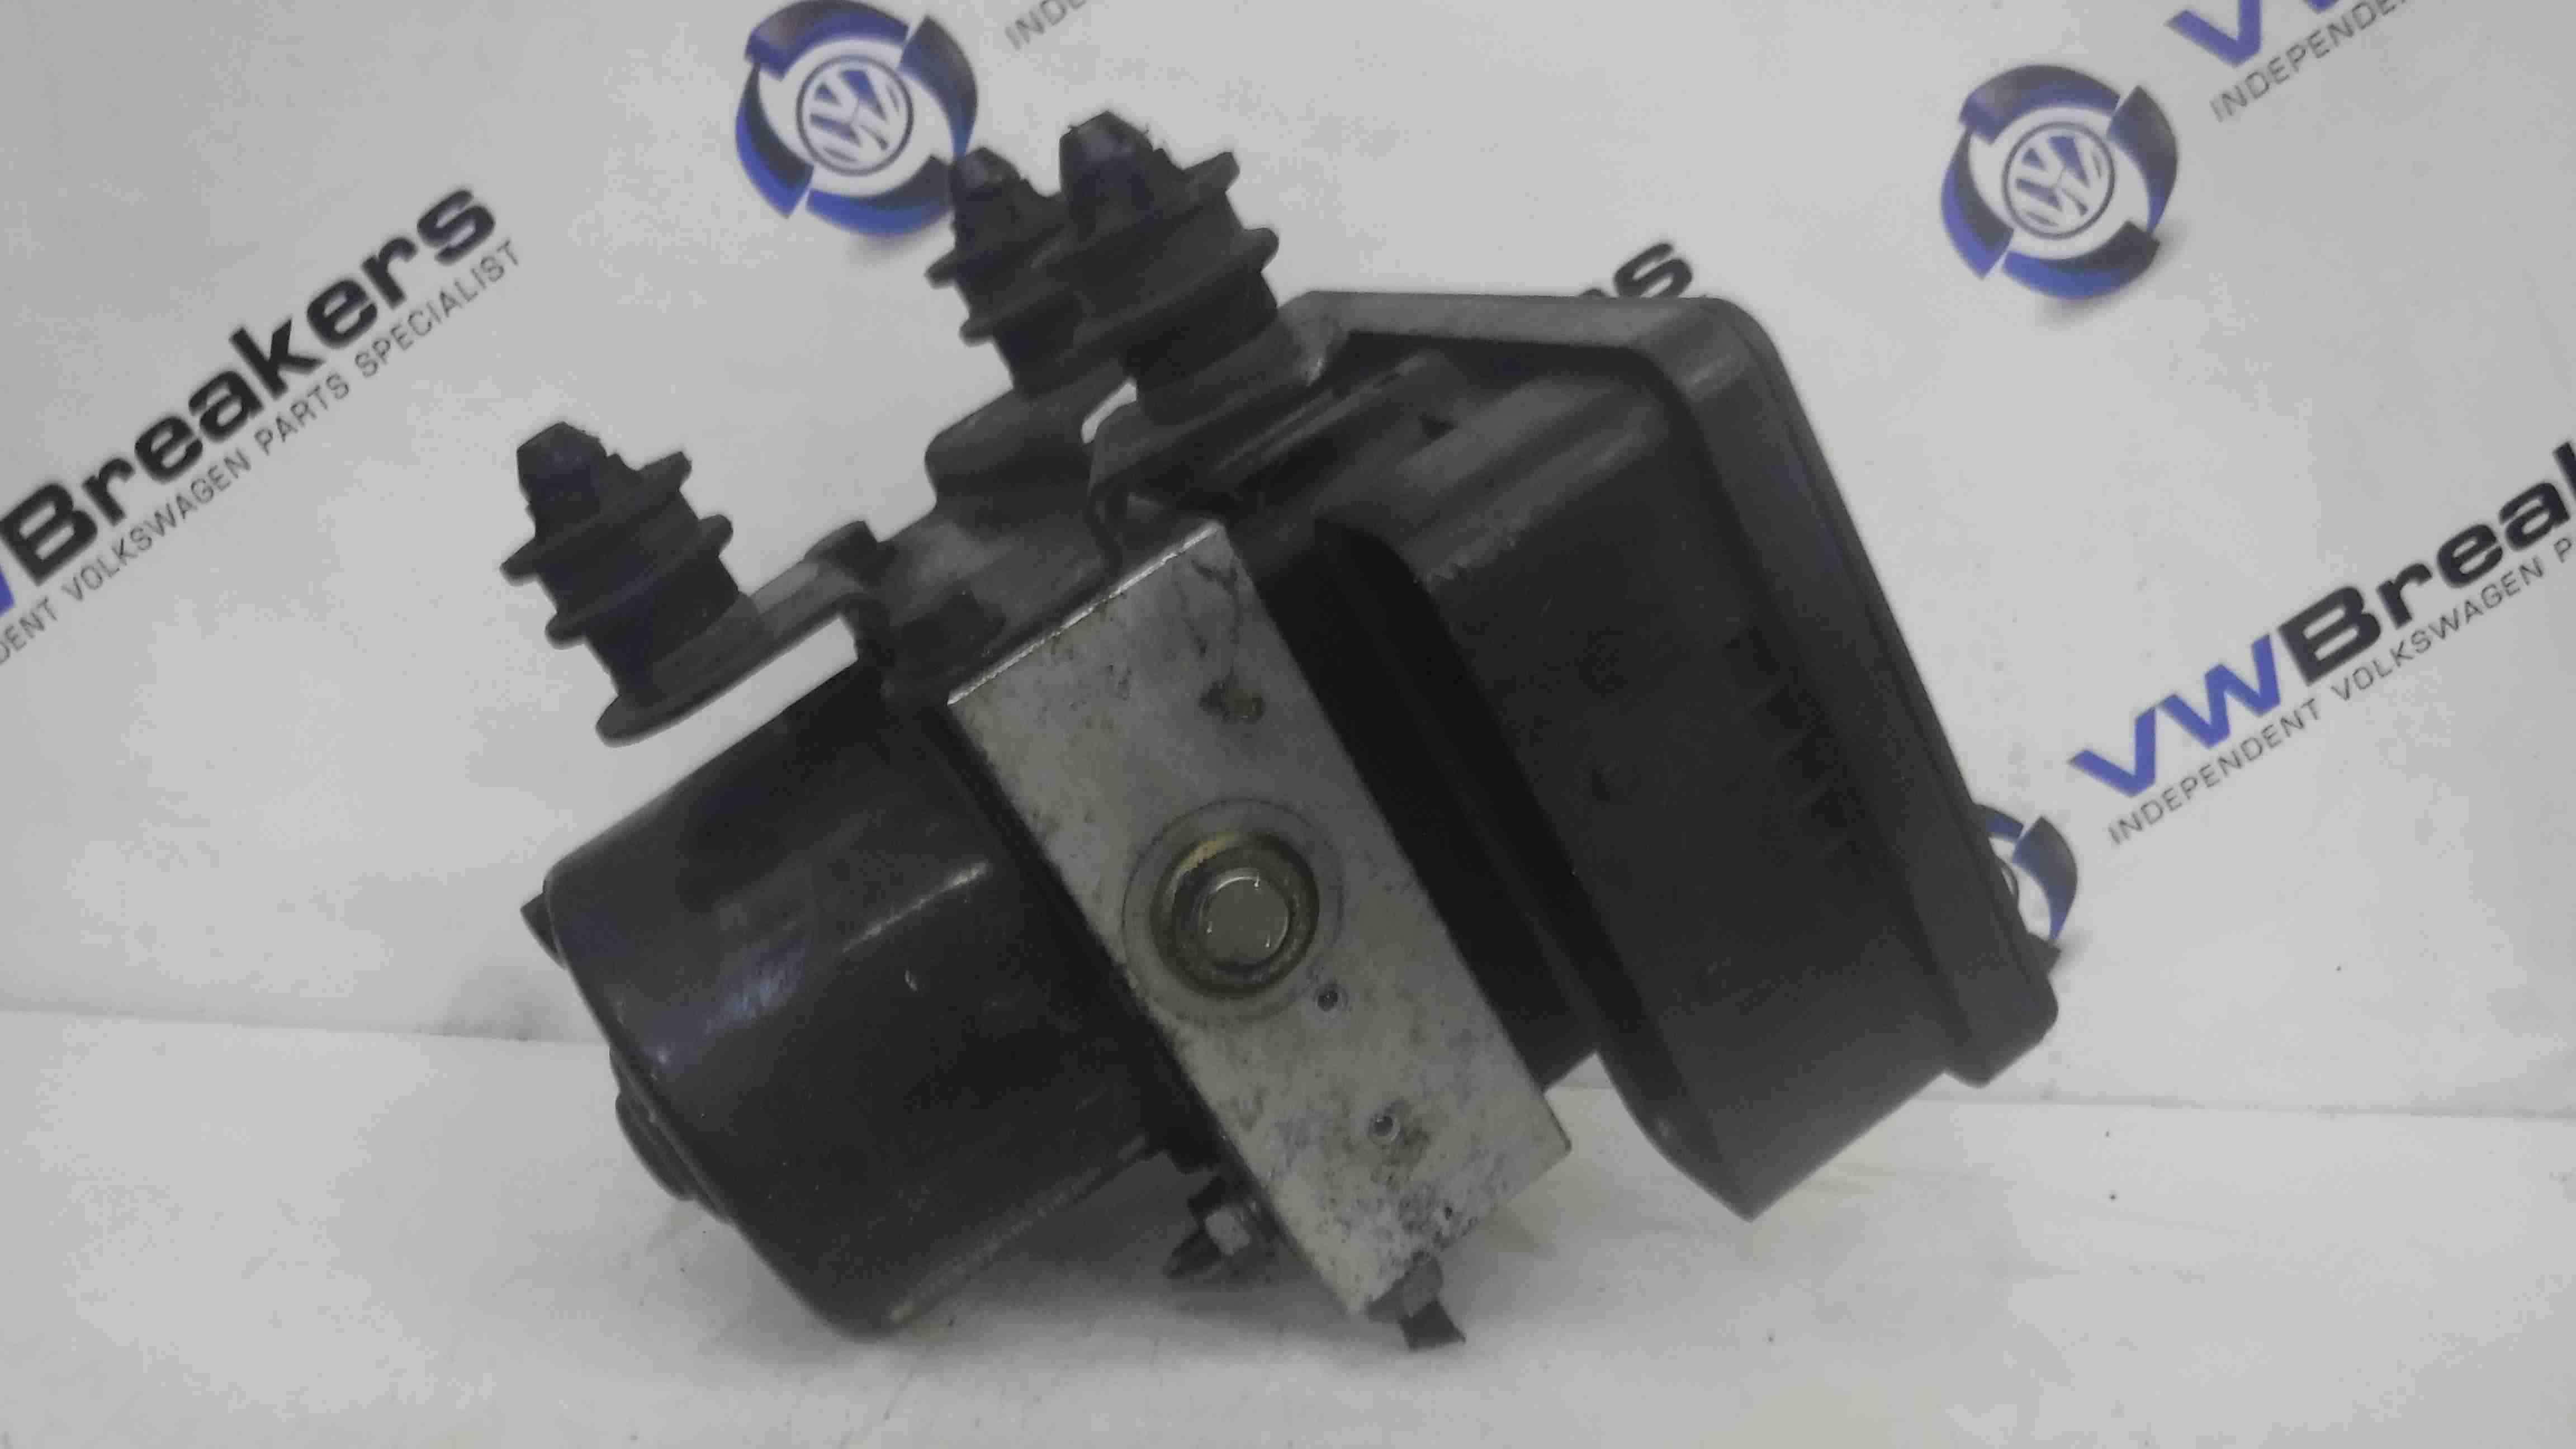 Volkswagen Golf MK5 2003-2009 ABS Pump Unit 1k0614517h 1K0907379K 1k0614517H